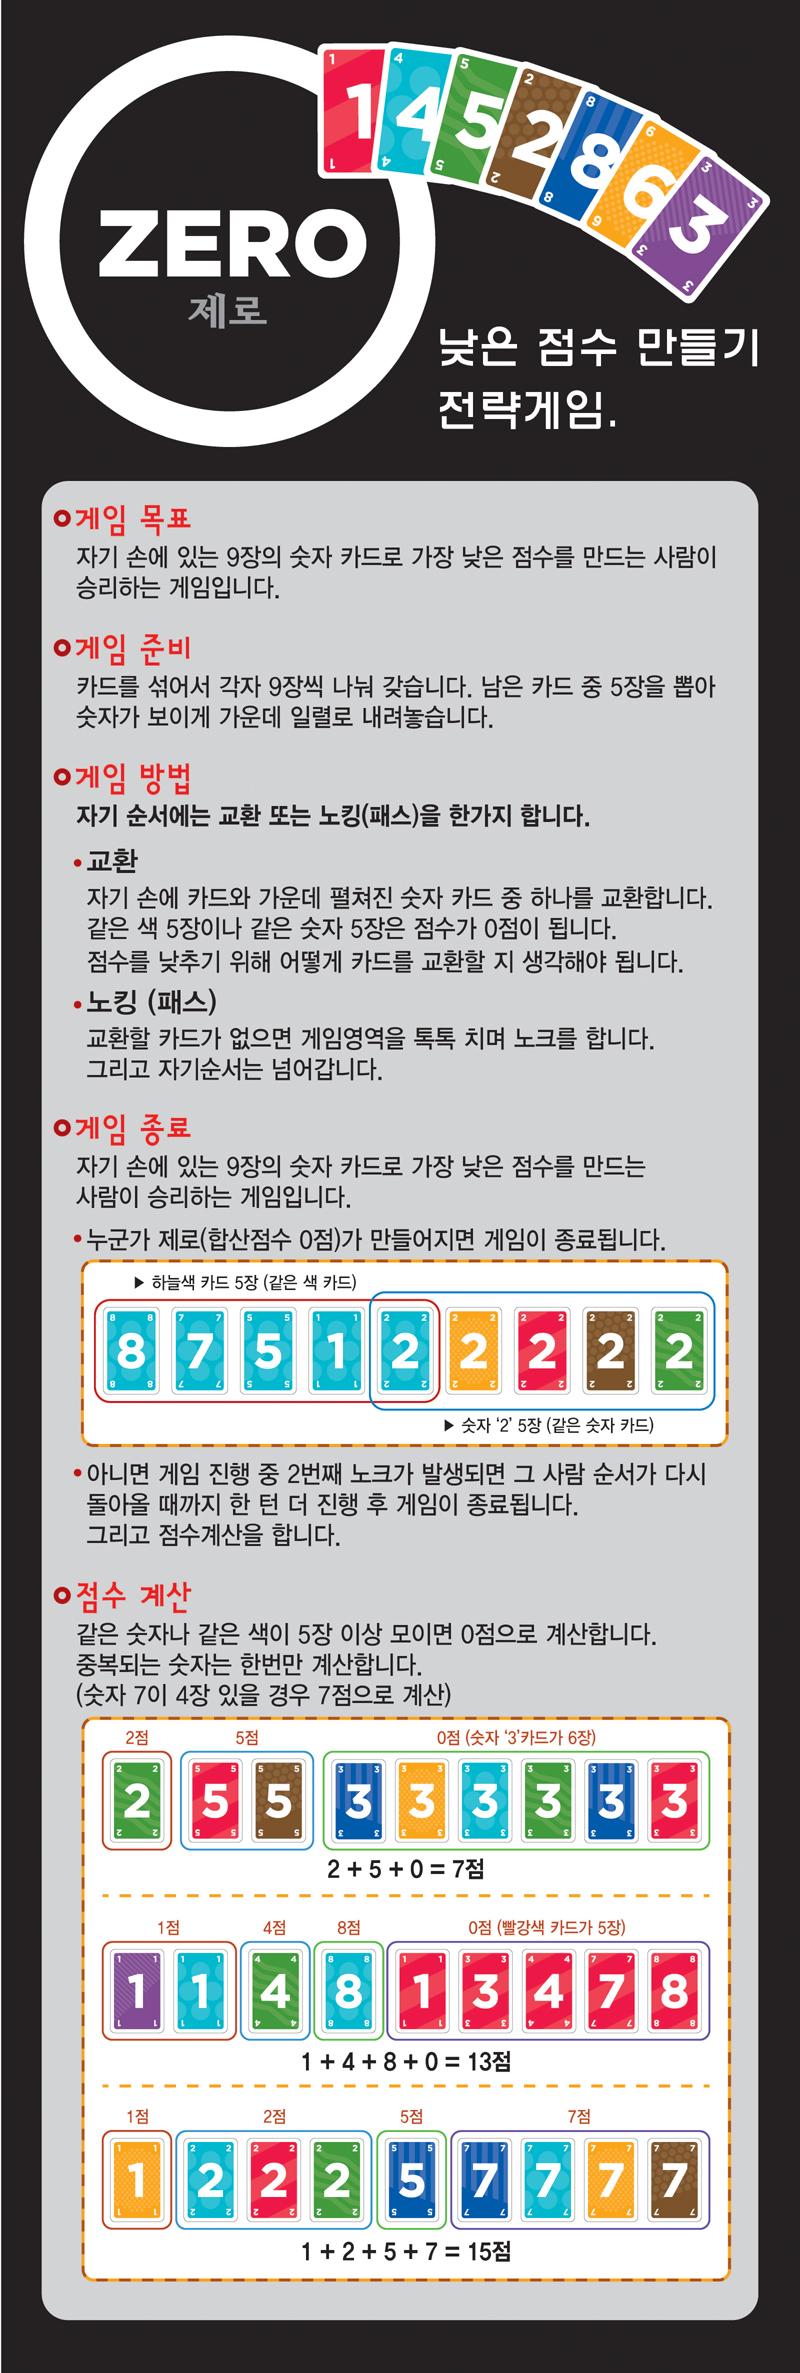 제로 /보드게임 한글판정품 - 피에스컴퍼니, 15,500원, 보드게임, 두뇌 게임